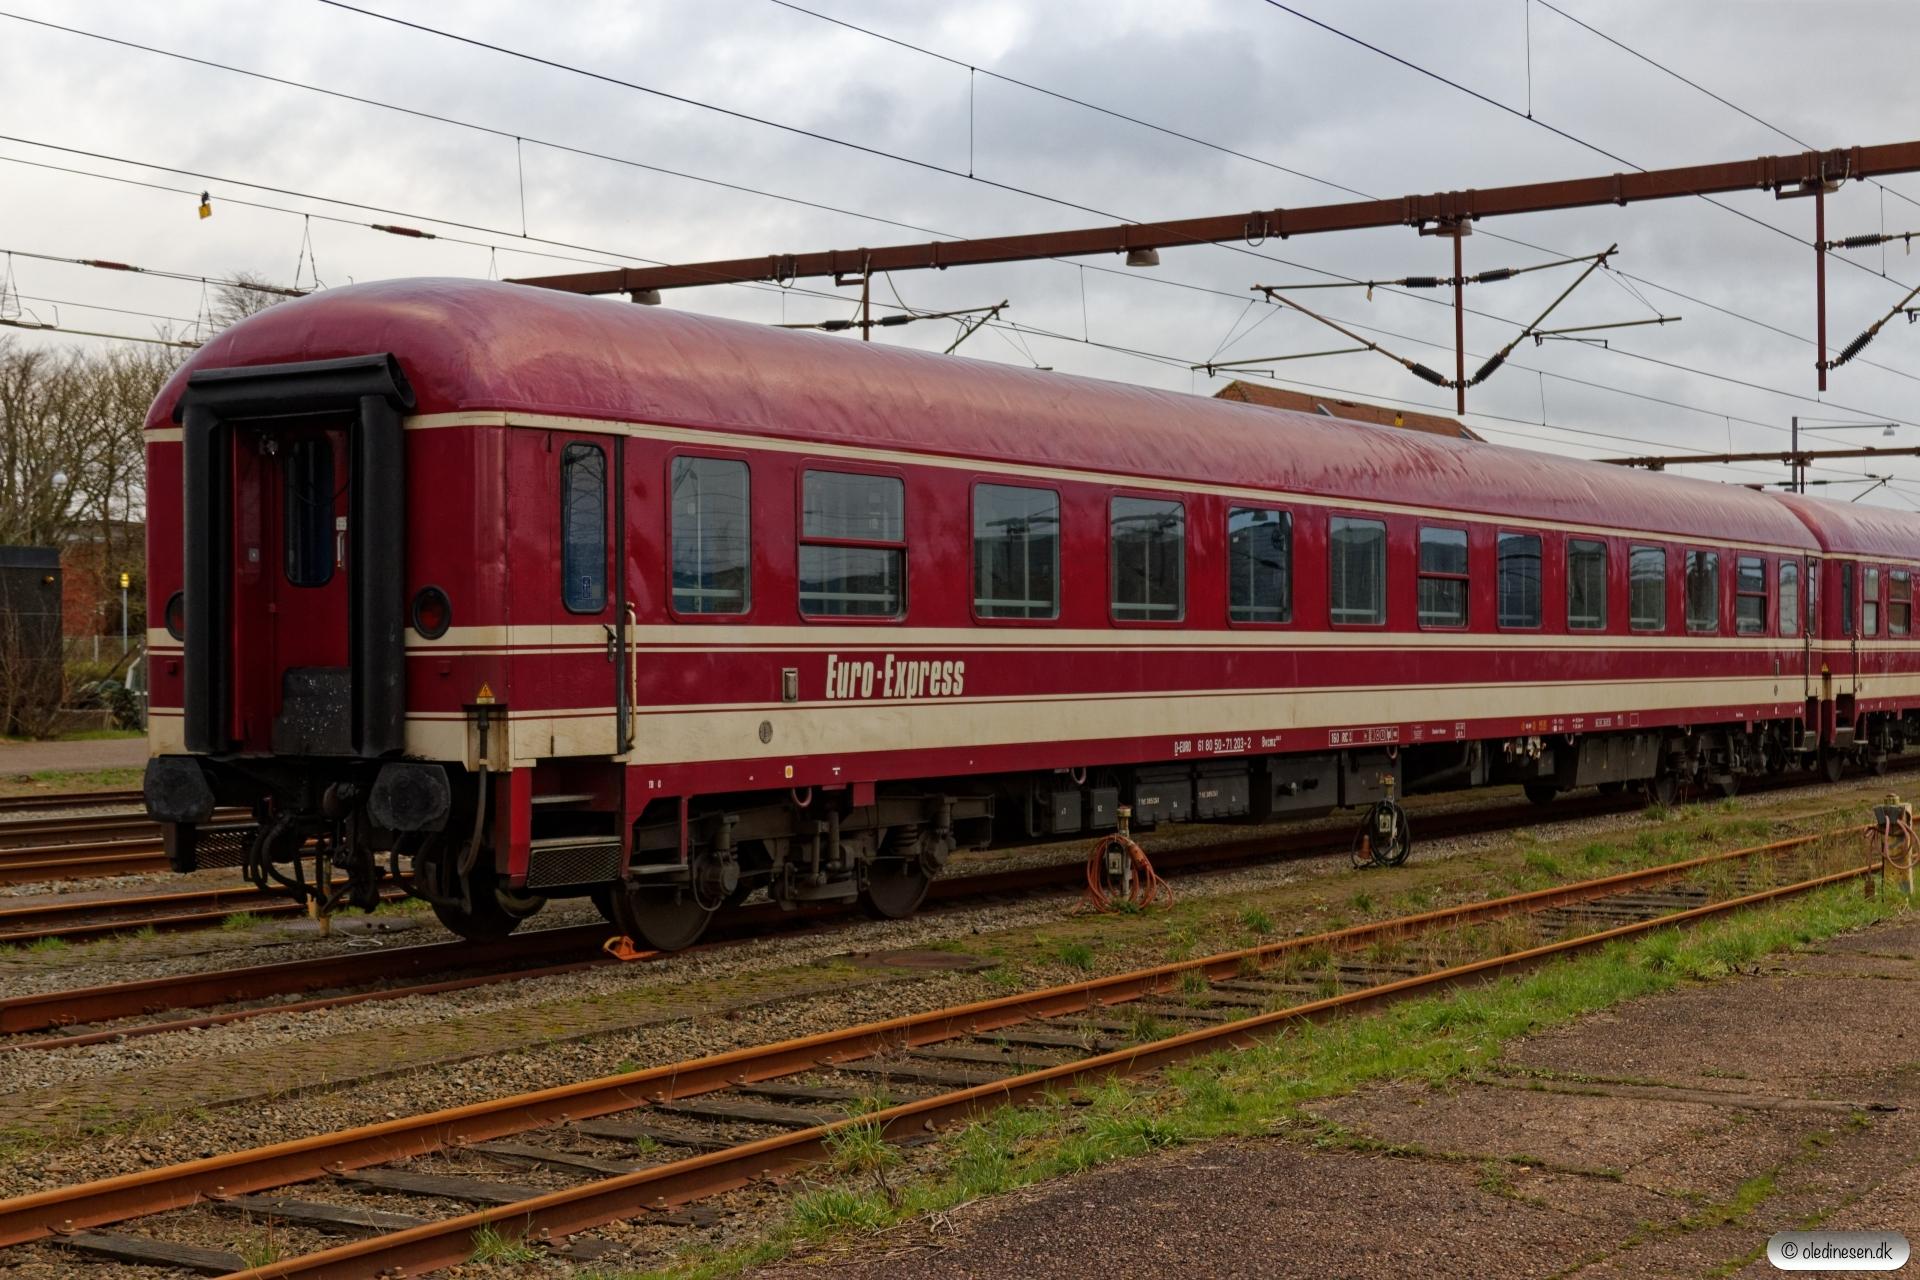 EURO Bvcmz248.3 61 80 50-71 203-2. Padborg 19.02.2020.